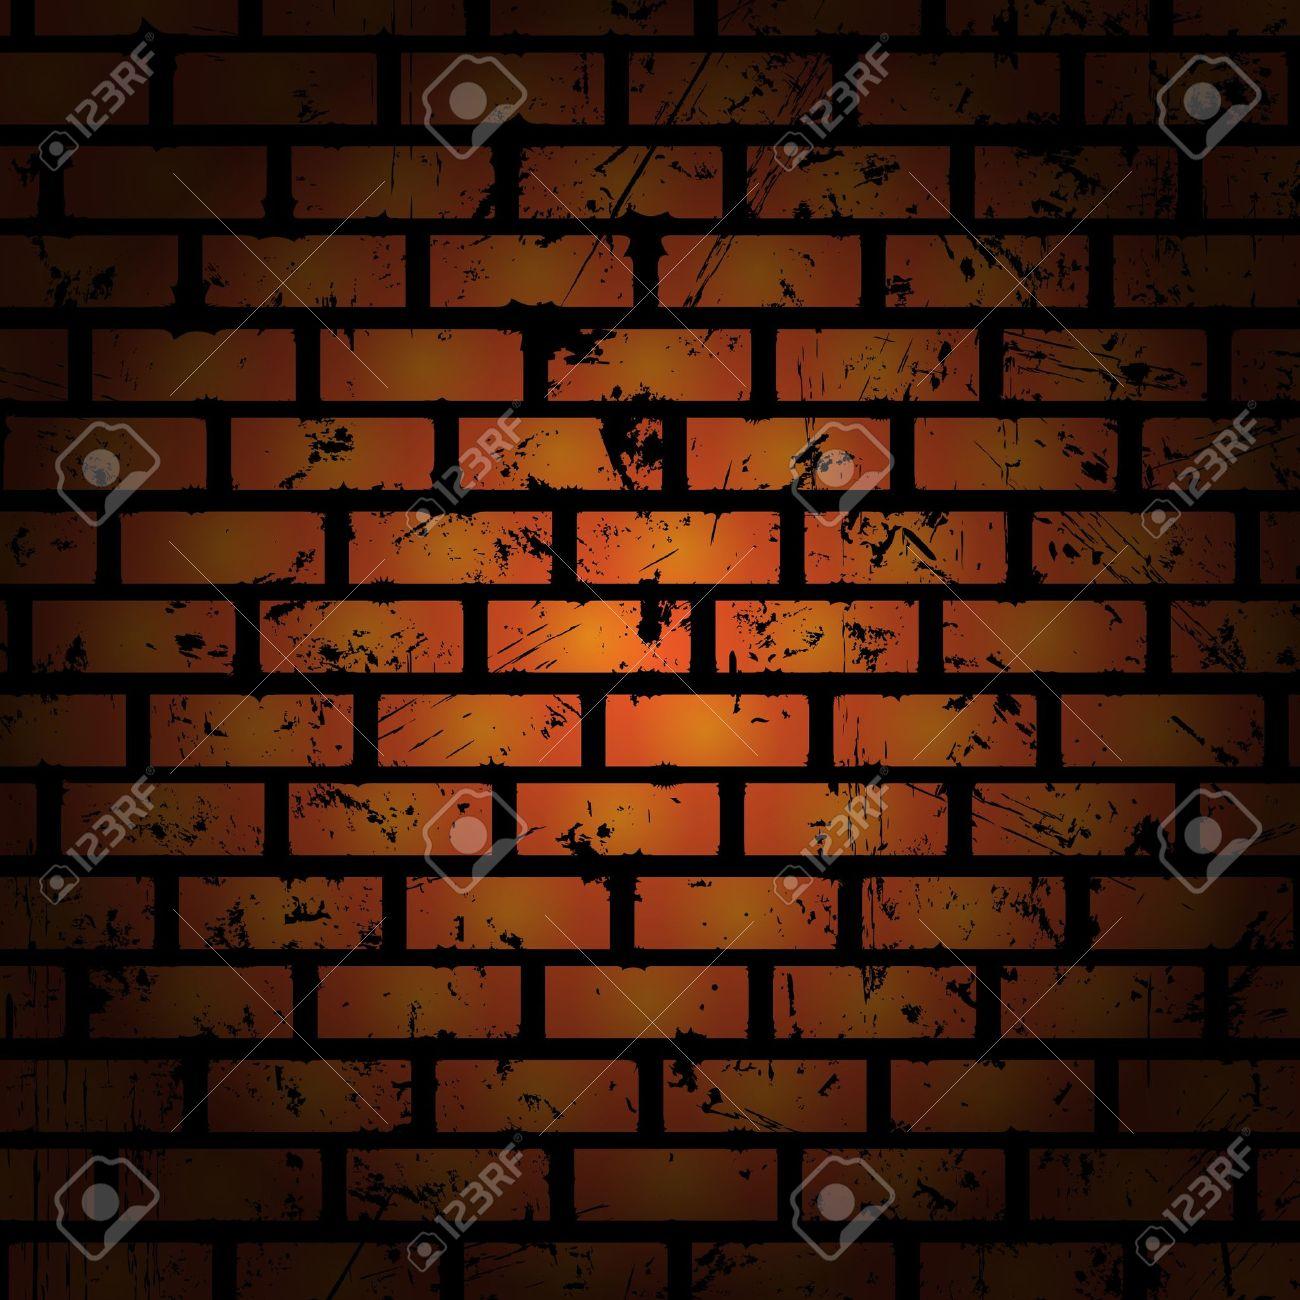 Brick Wall Art abstract background. brick wall. clip-art royalty free cliparts